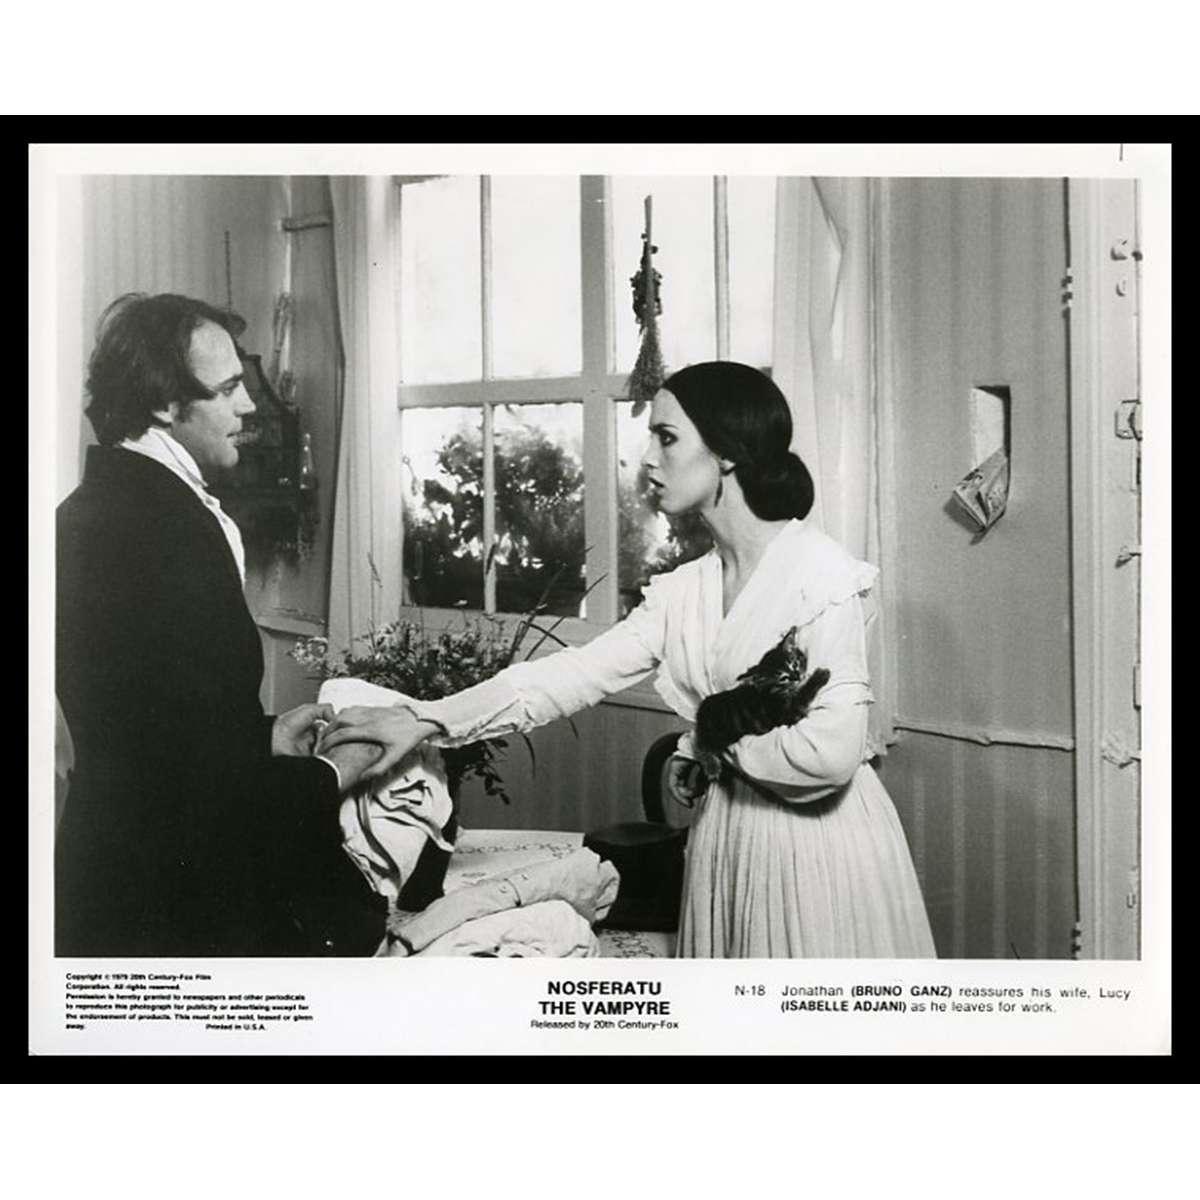 NOSFERATU THE VAMPIRE US Movie Still 8X10 - 1979 - Werner Herzog, Klaus  Kinski, Isabelle Adjani